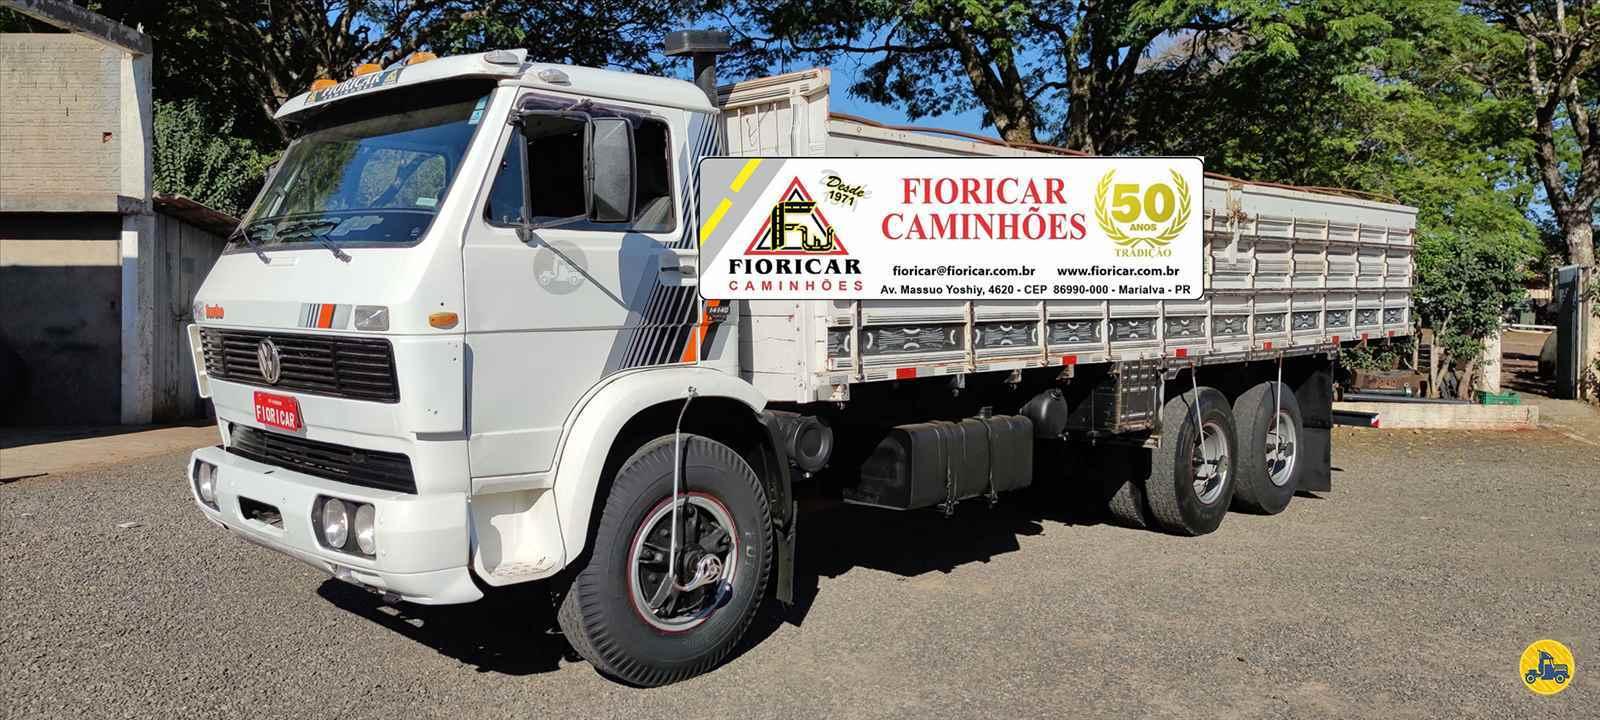 CAMINHAO VOLKSWAGEN VW 14140 Graneleiro Truck 6x2 Fioricar Caminhões MARIALVA PARANÁ PR